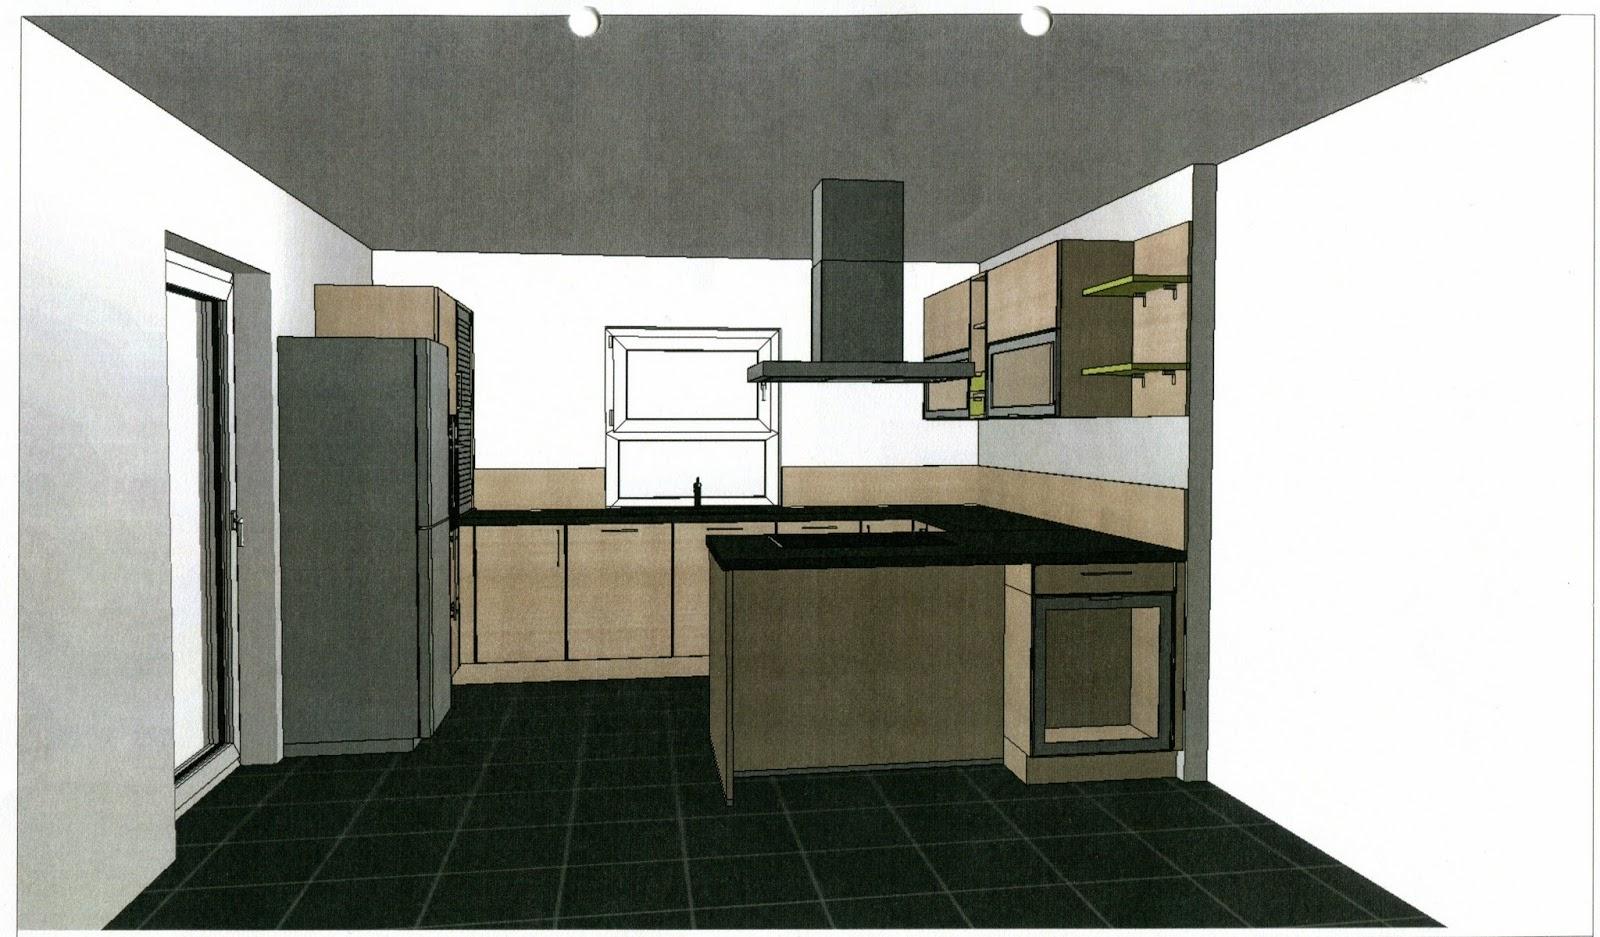 wir bauen ein haus wir haben eine neue k che. Black Bedroom Furniture Sets. Home Design Ideas